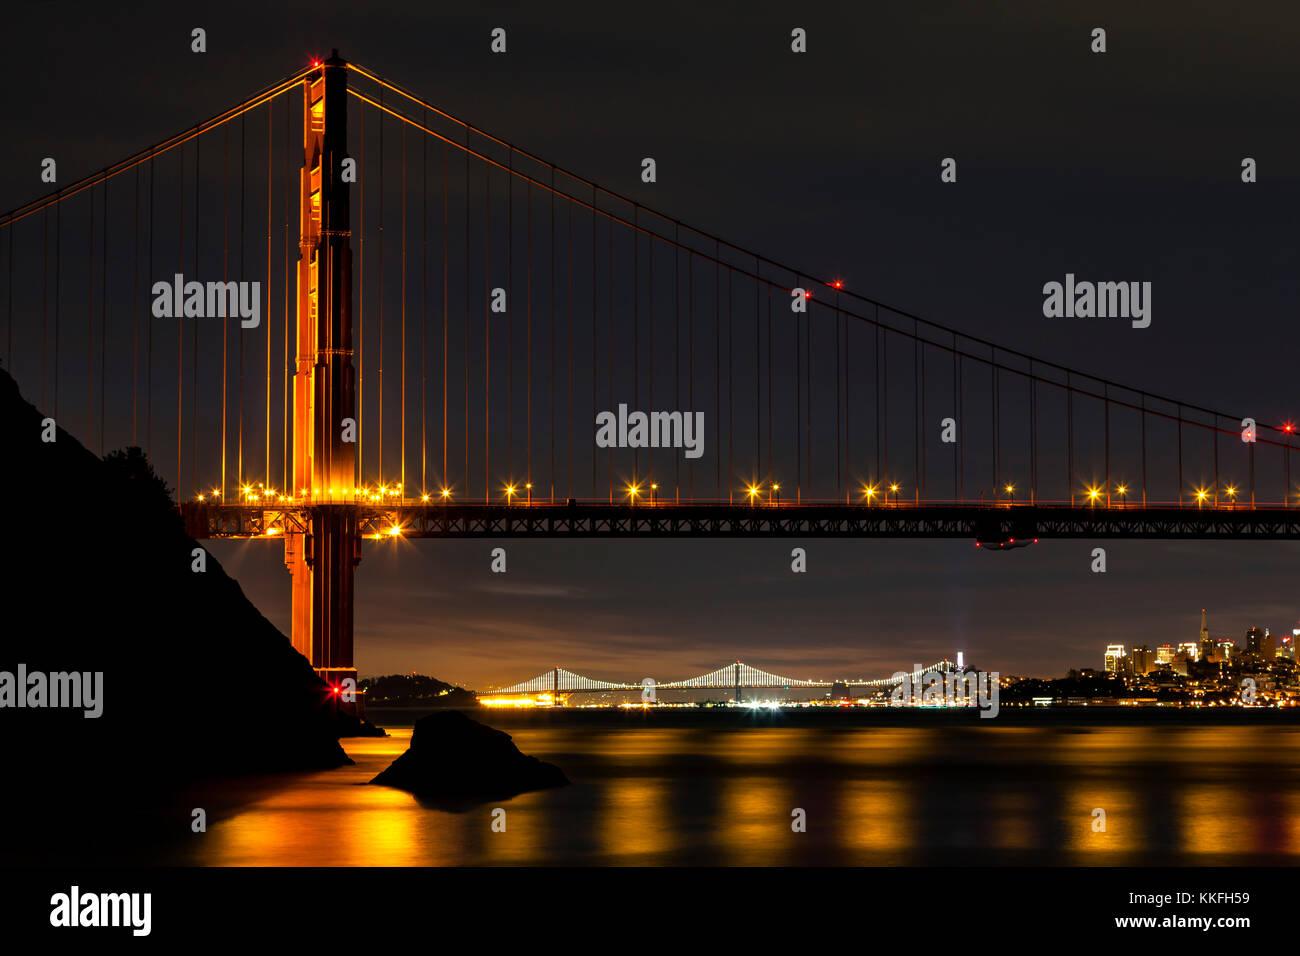 Torre Nord del Golden Gate Bridge in pre alba ore con il Bay Bridge e San Francisco in background. Immagini Stock